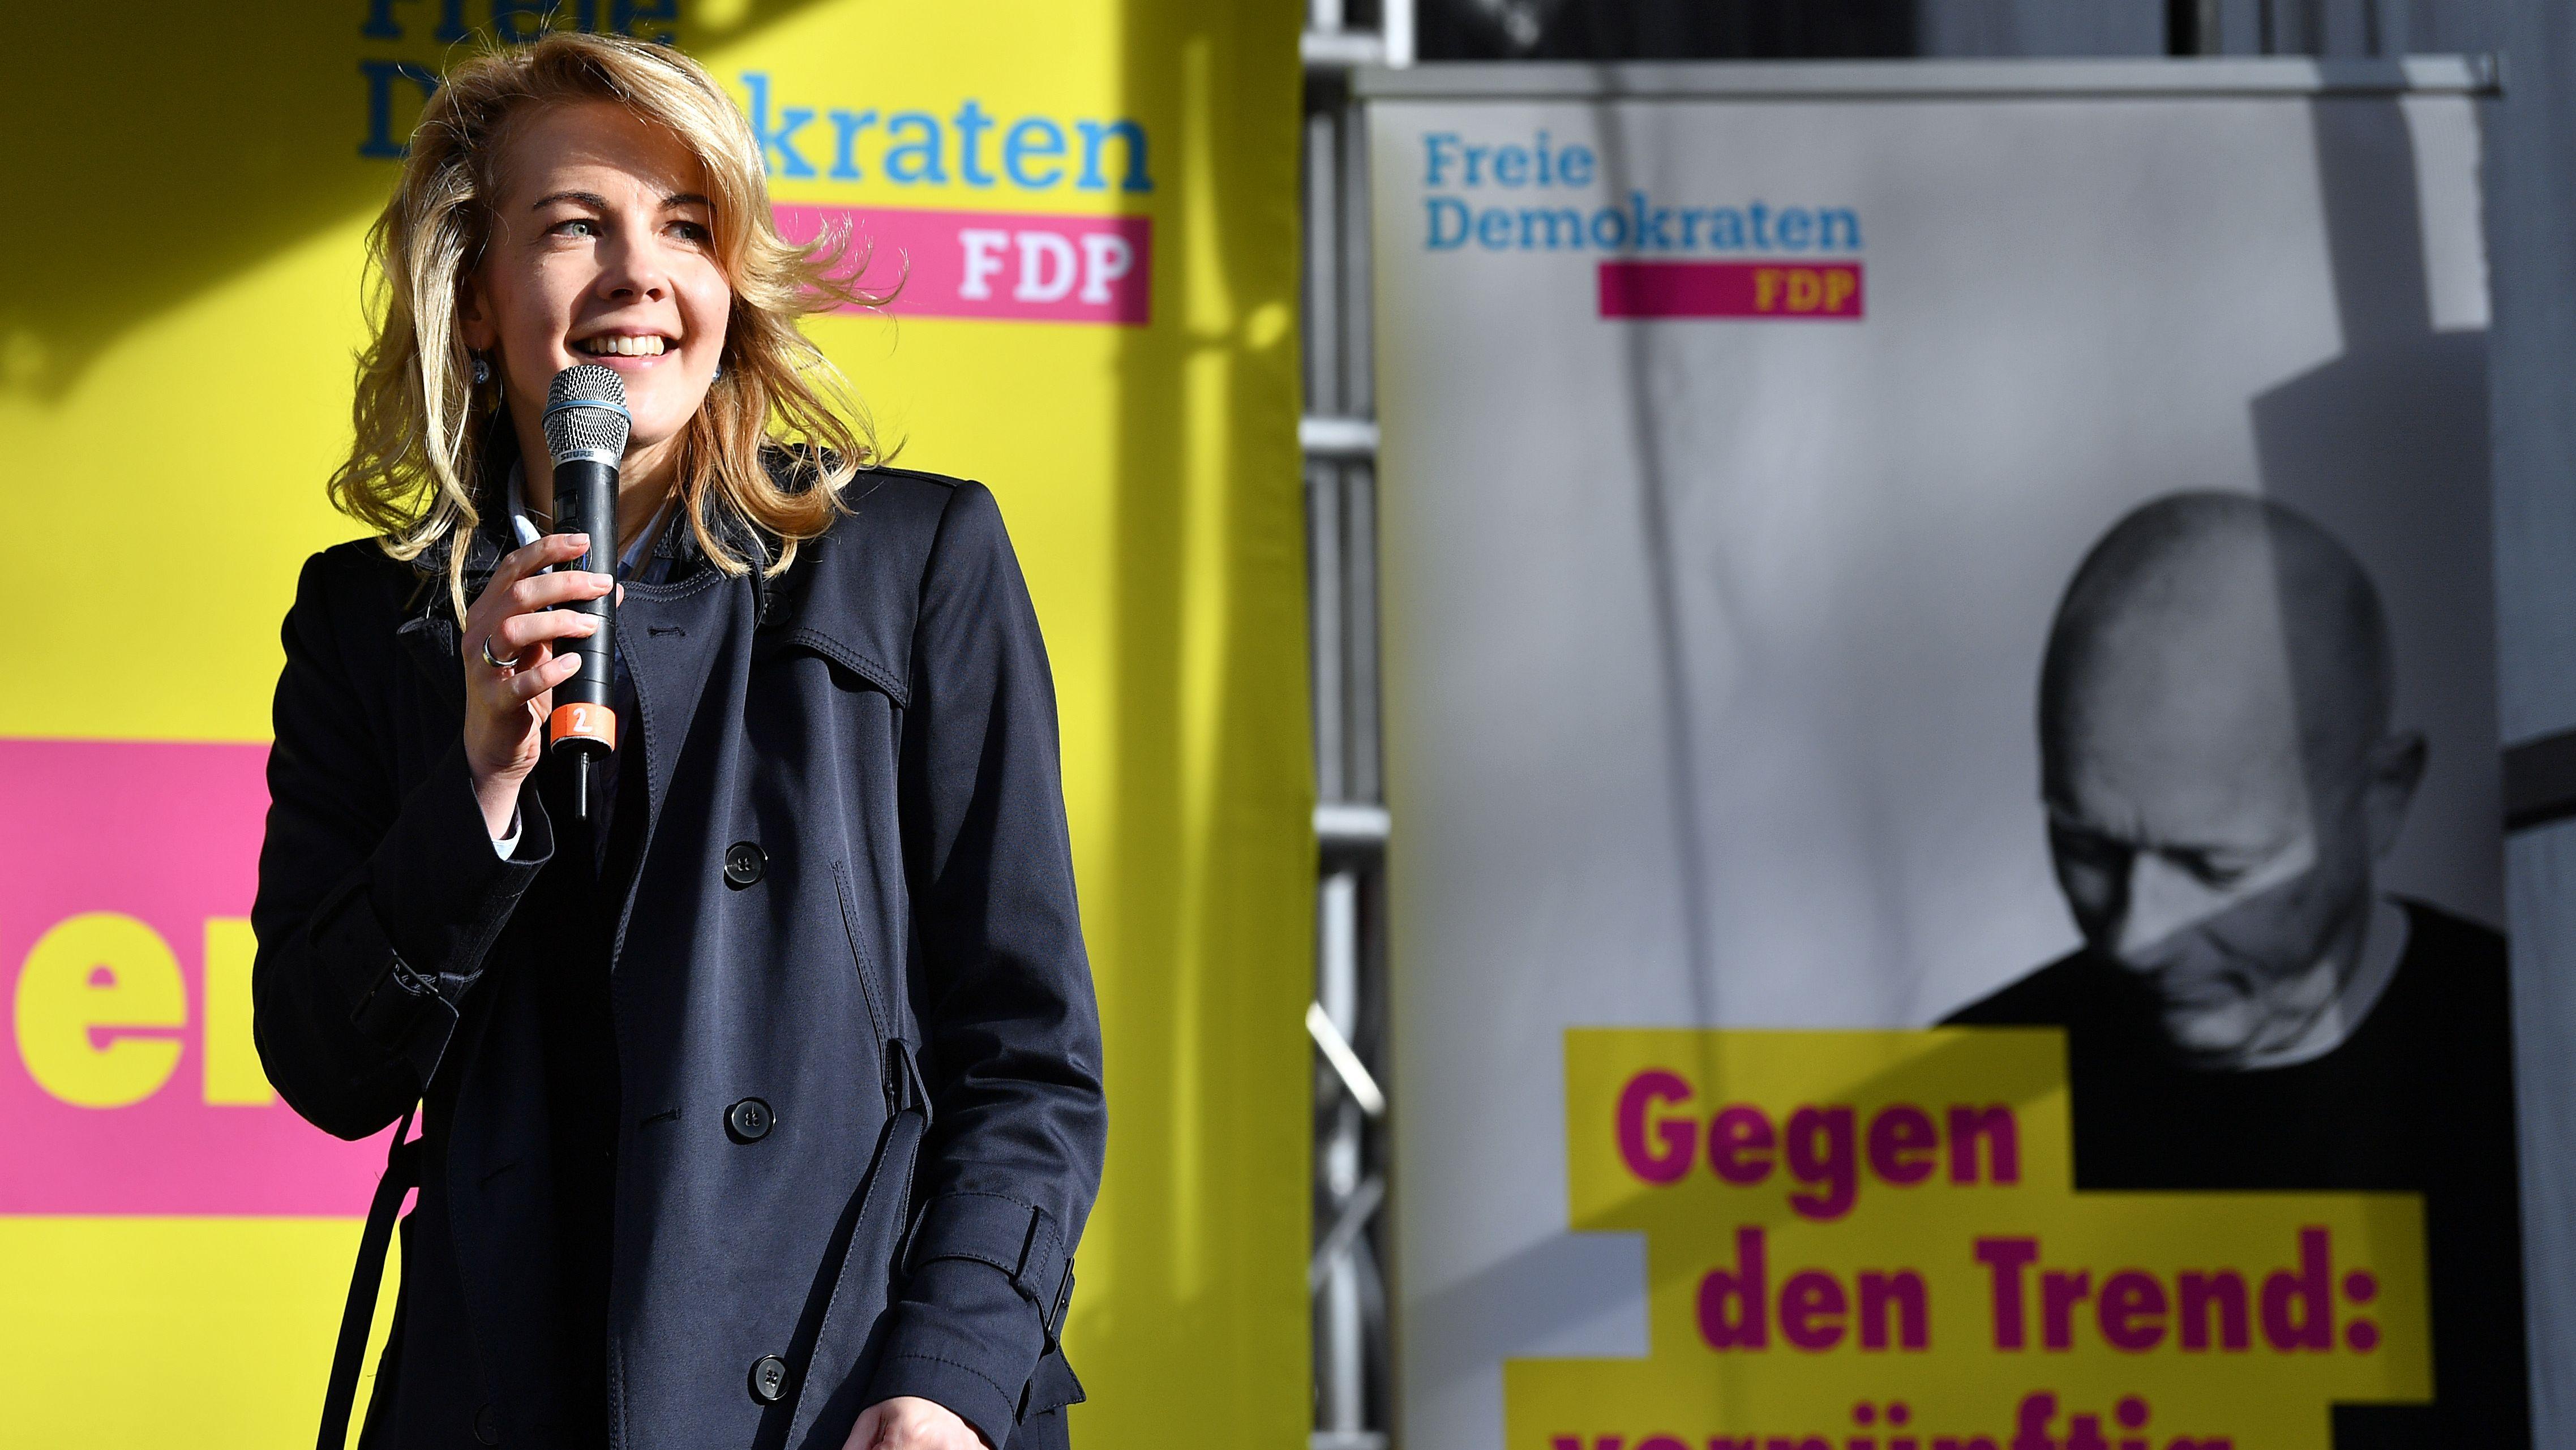 Außer in Berlin, ist die FDP in keinem anderen ostdeutschen Landtag vertreten - die Partei hofft das bei der Wahl in Thüringen zu ändern.